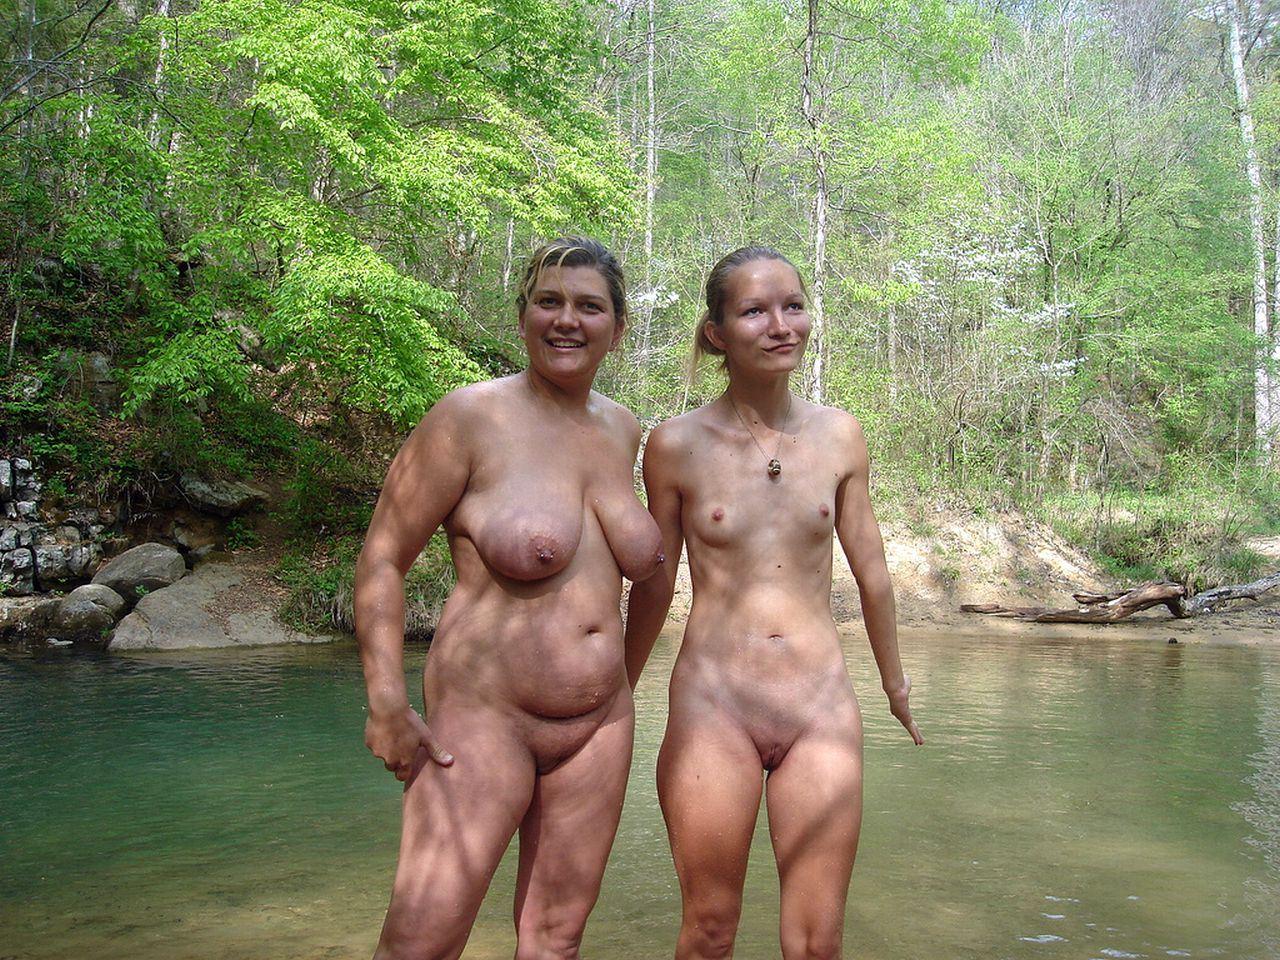 Natualist Nudist Gallery